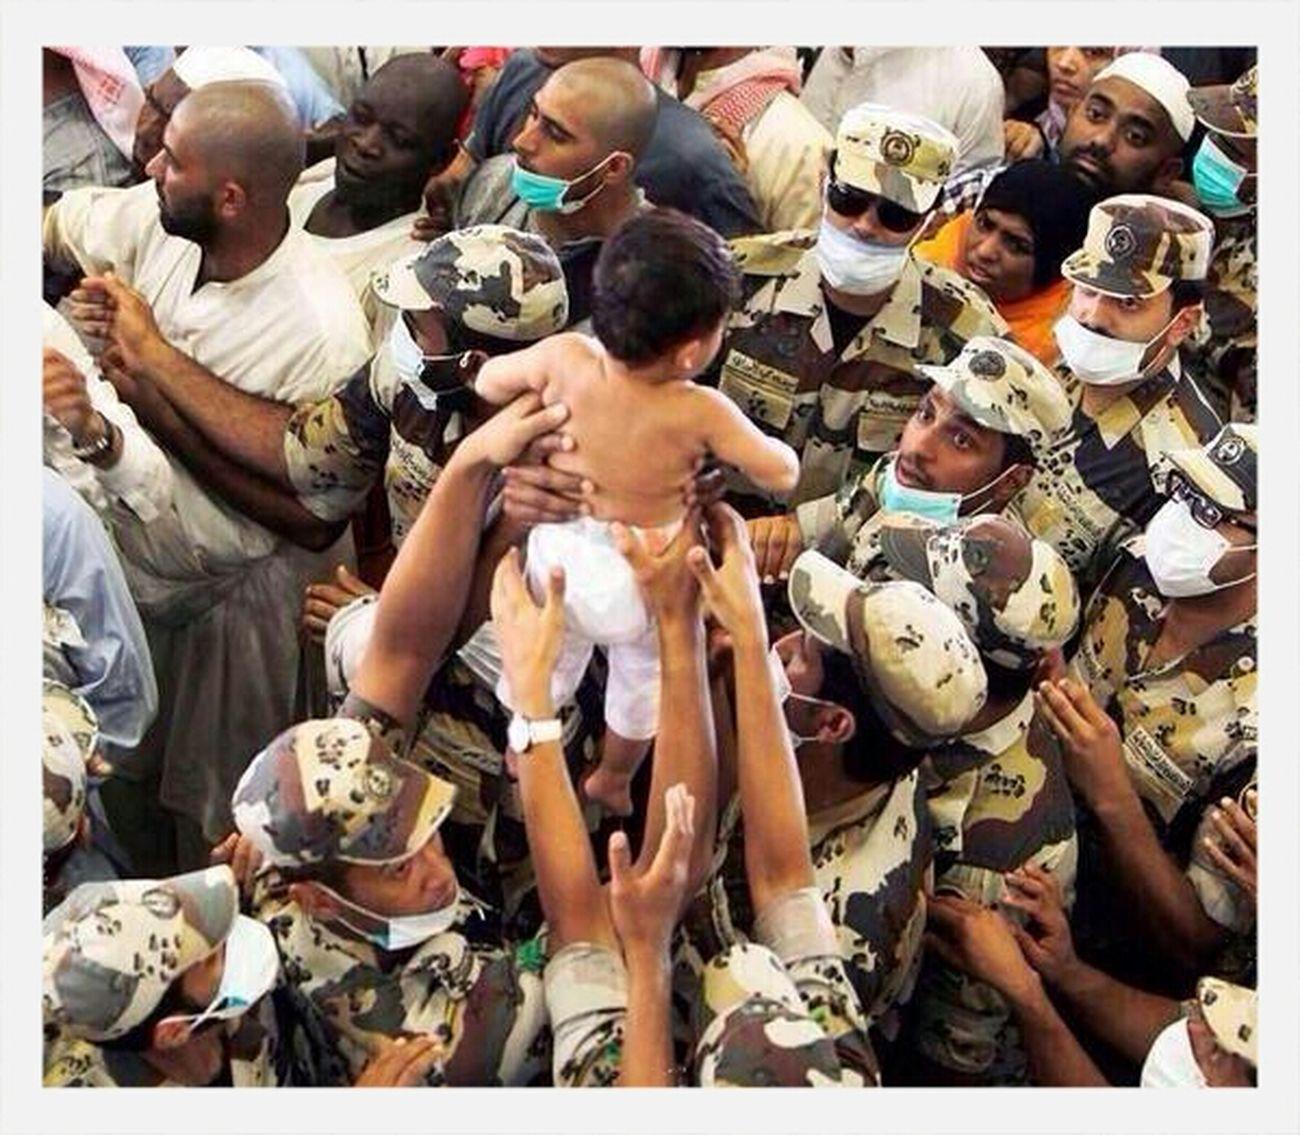 دعوة رحمة حج رجال امن سعوديون يرفعون طفل من بين ارجل الحجاج حتى لا يداس باقدامهم